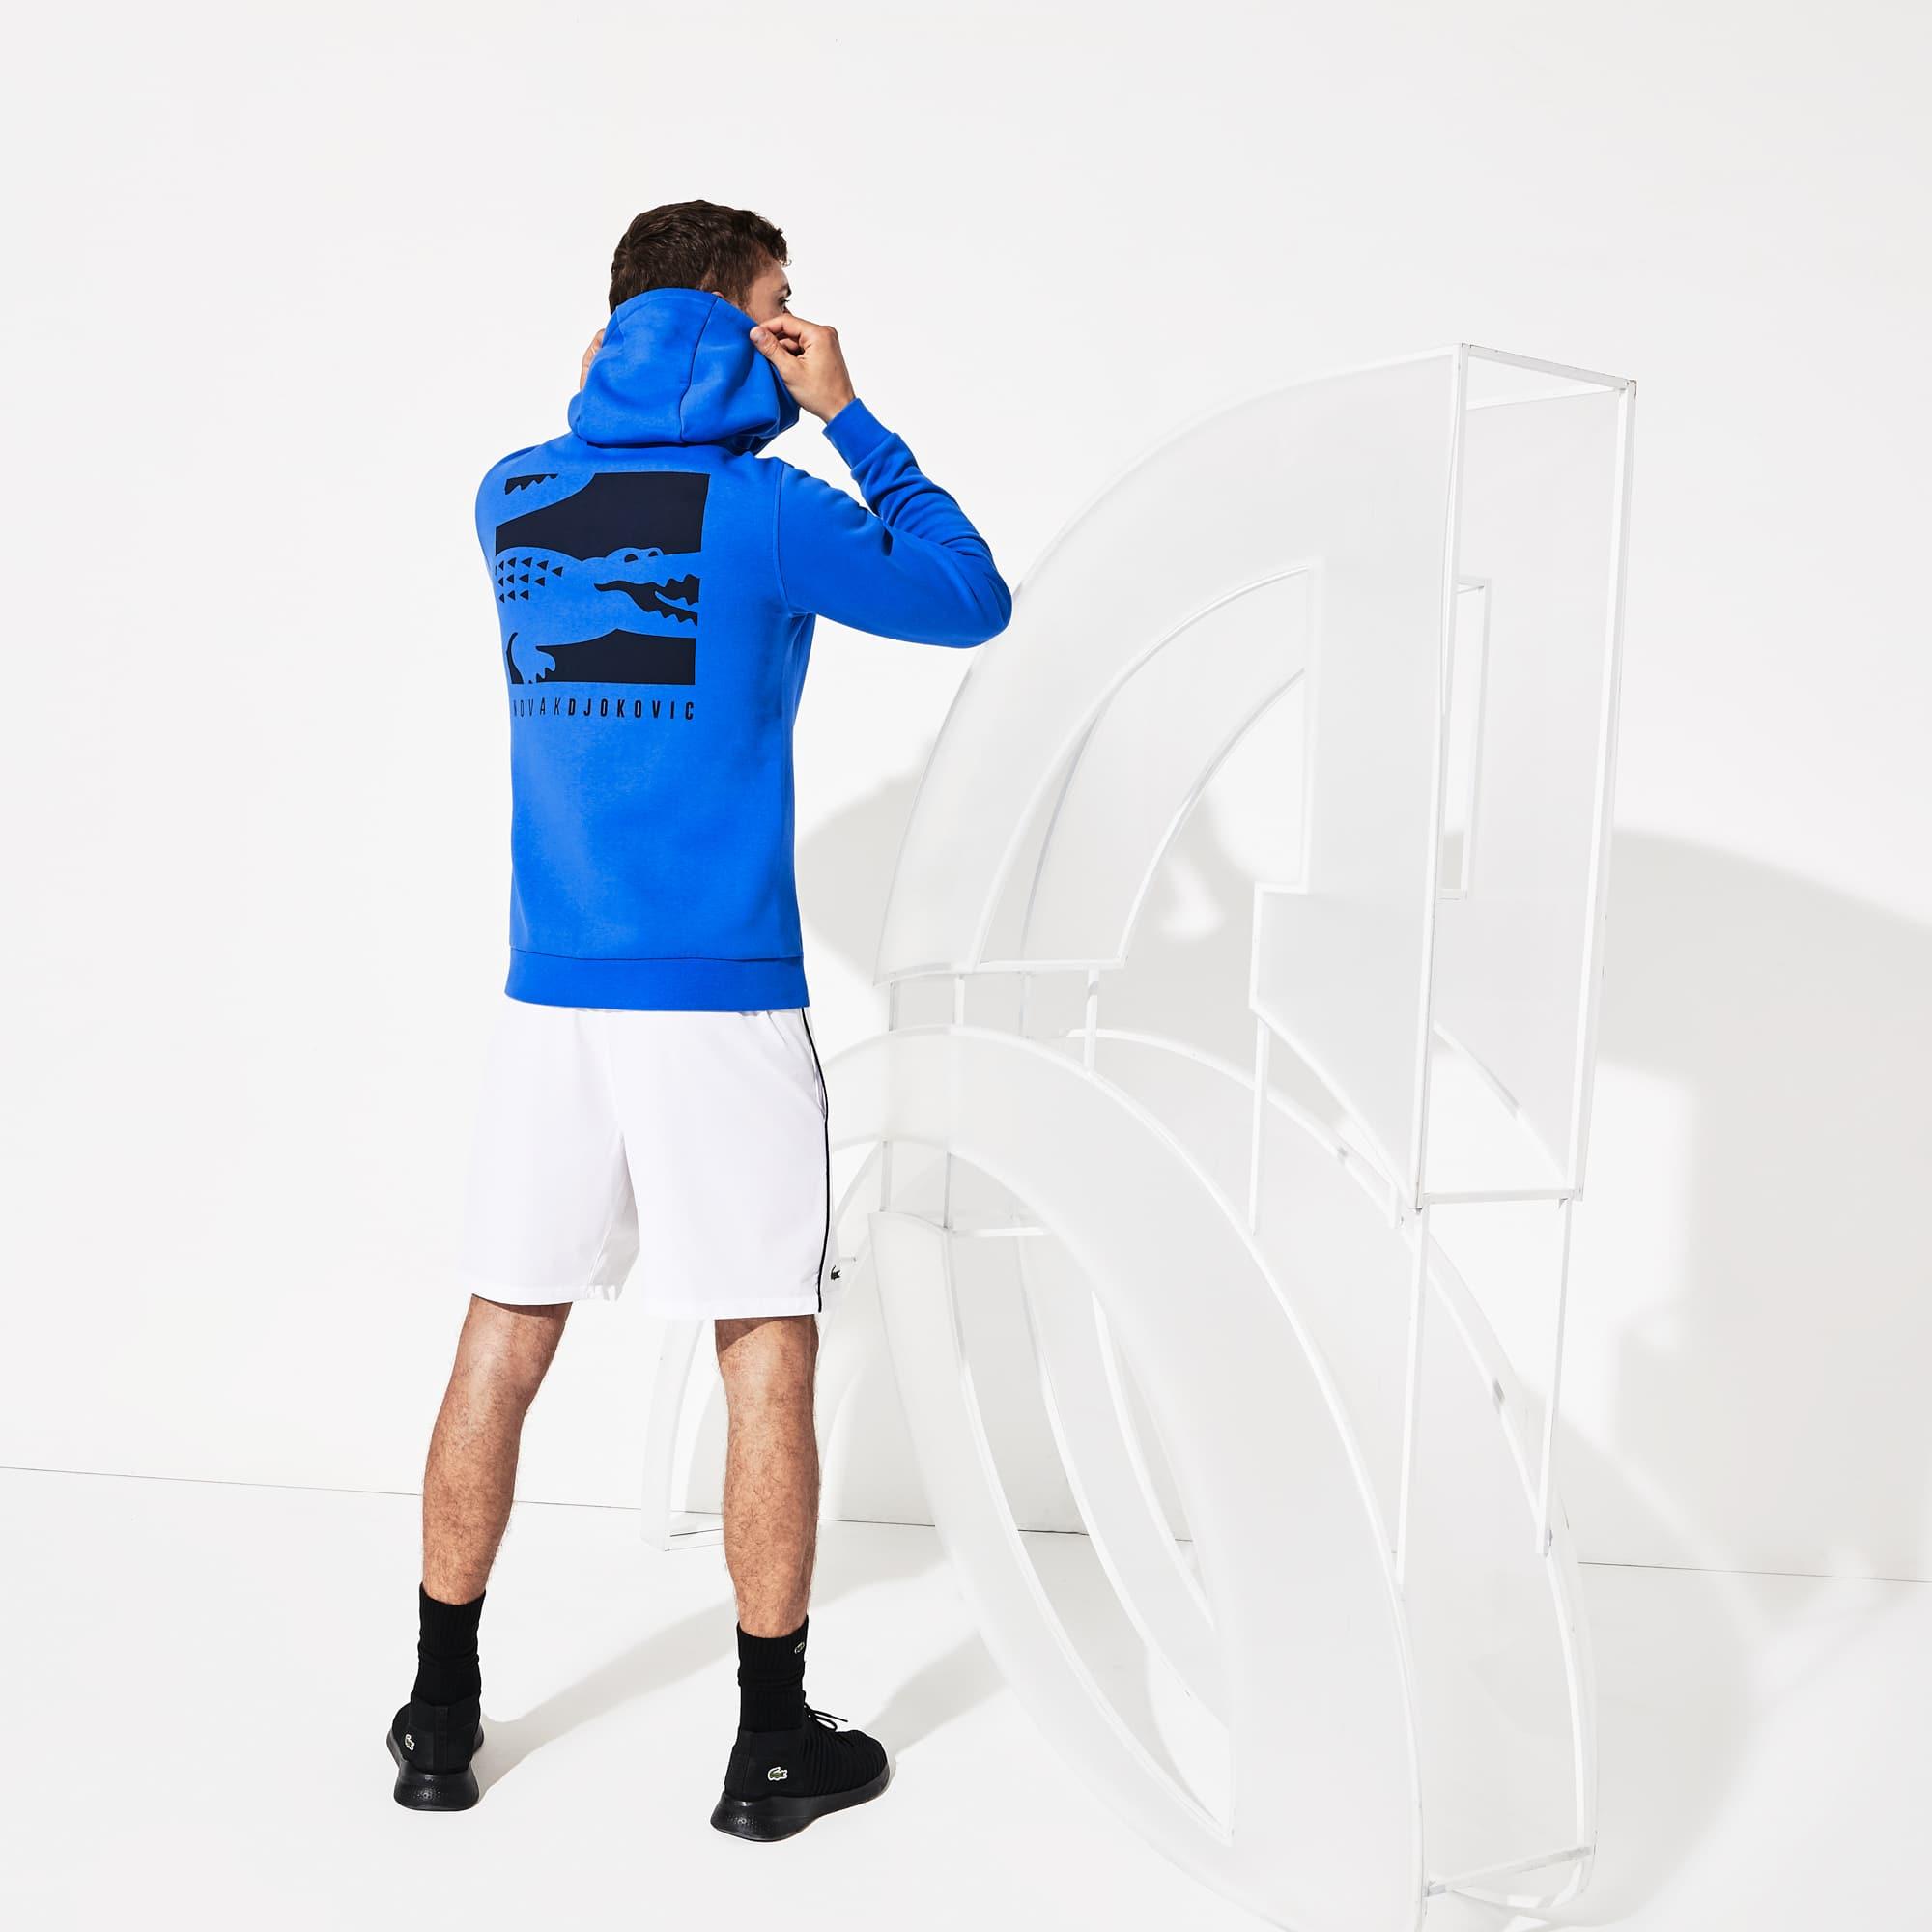 라코스테 후드티 Lacoste Mens SPORT Novak Djokovic Croc Logo Sweatshirt,Blue / Navy Blue - RDT